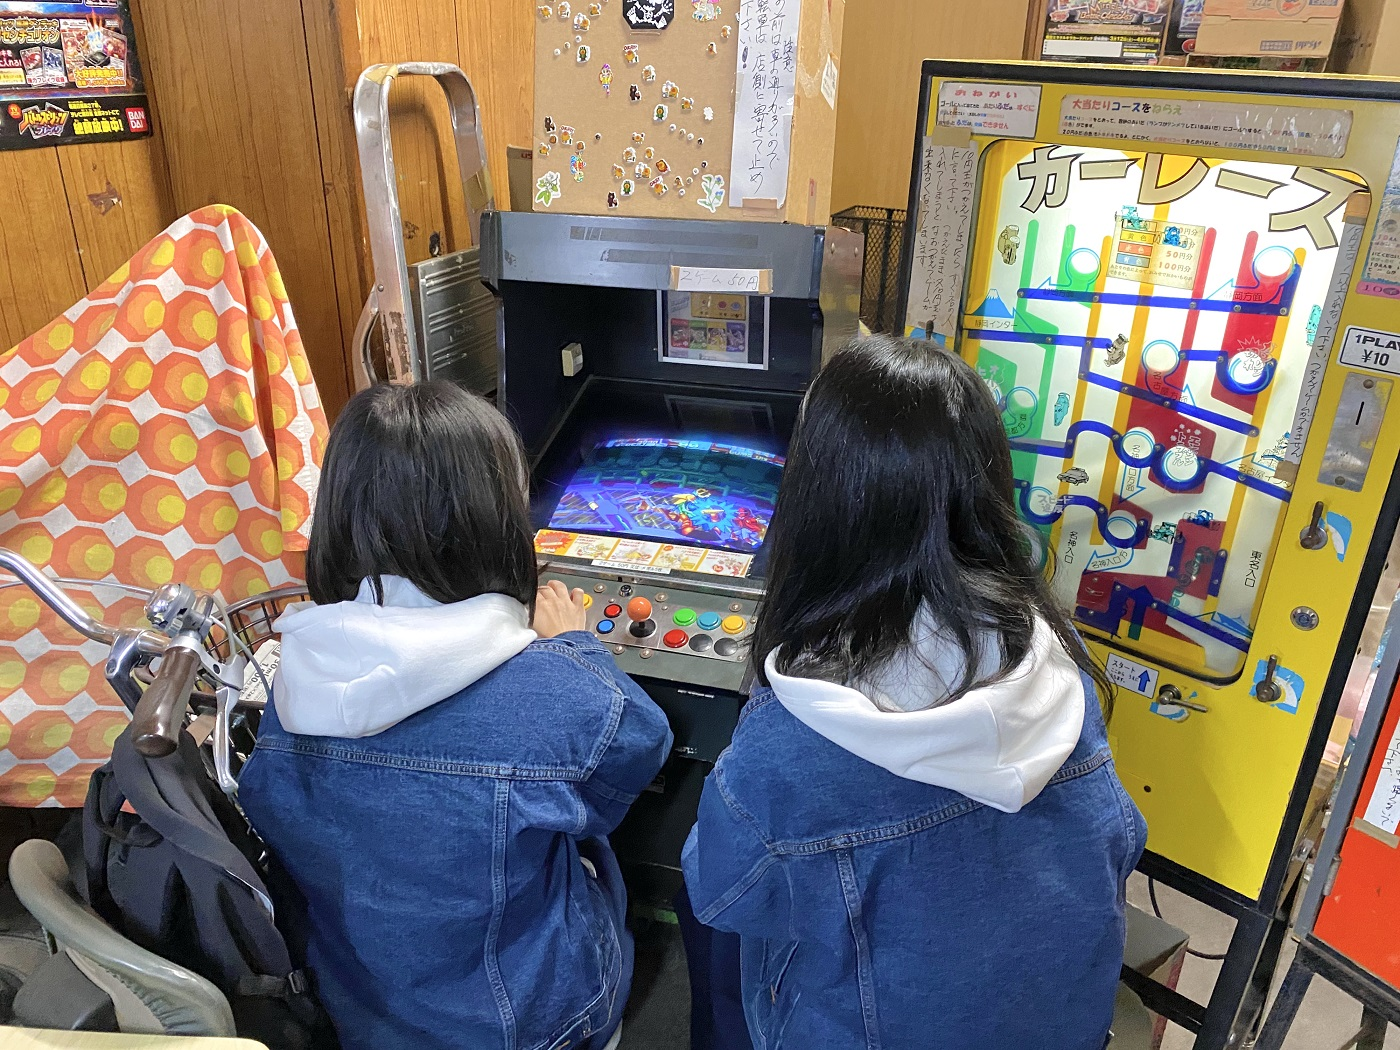 お店の方に50円玉に両替してもらい、早速プレイ開始。